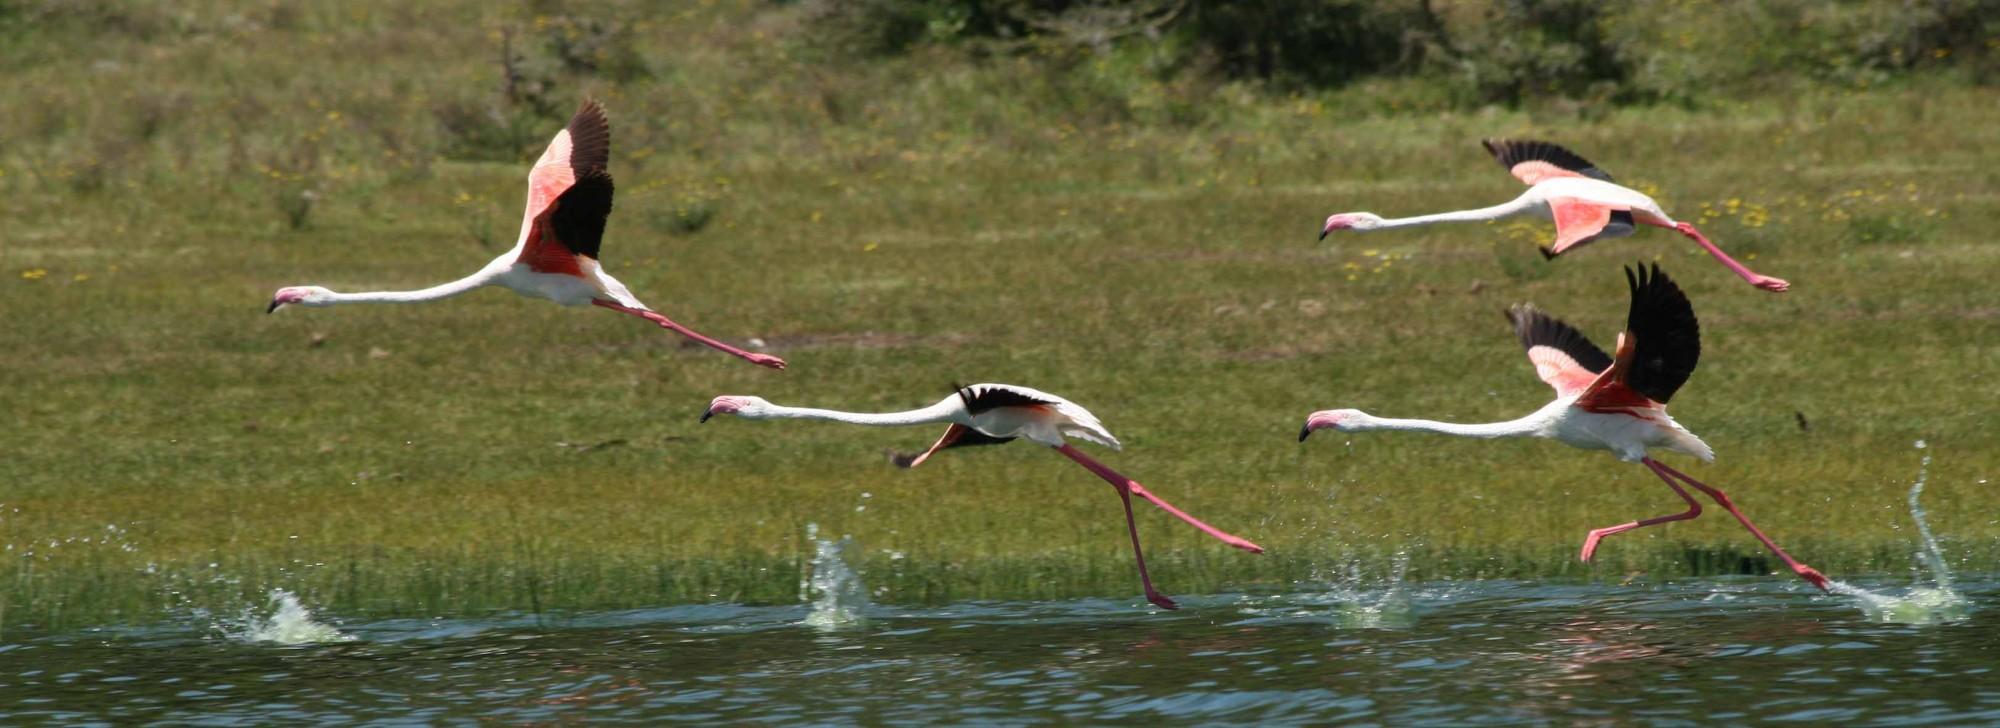 s2_flamingo